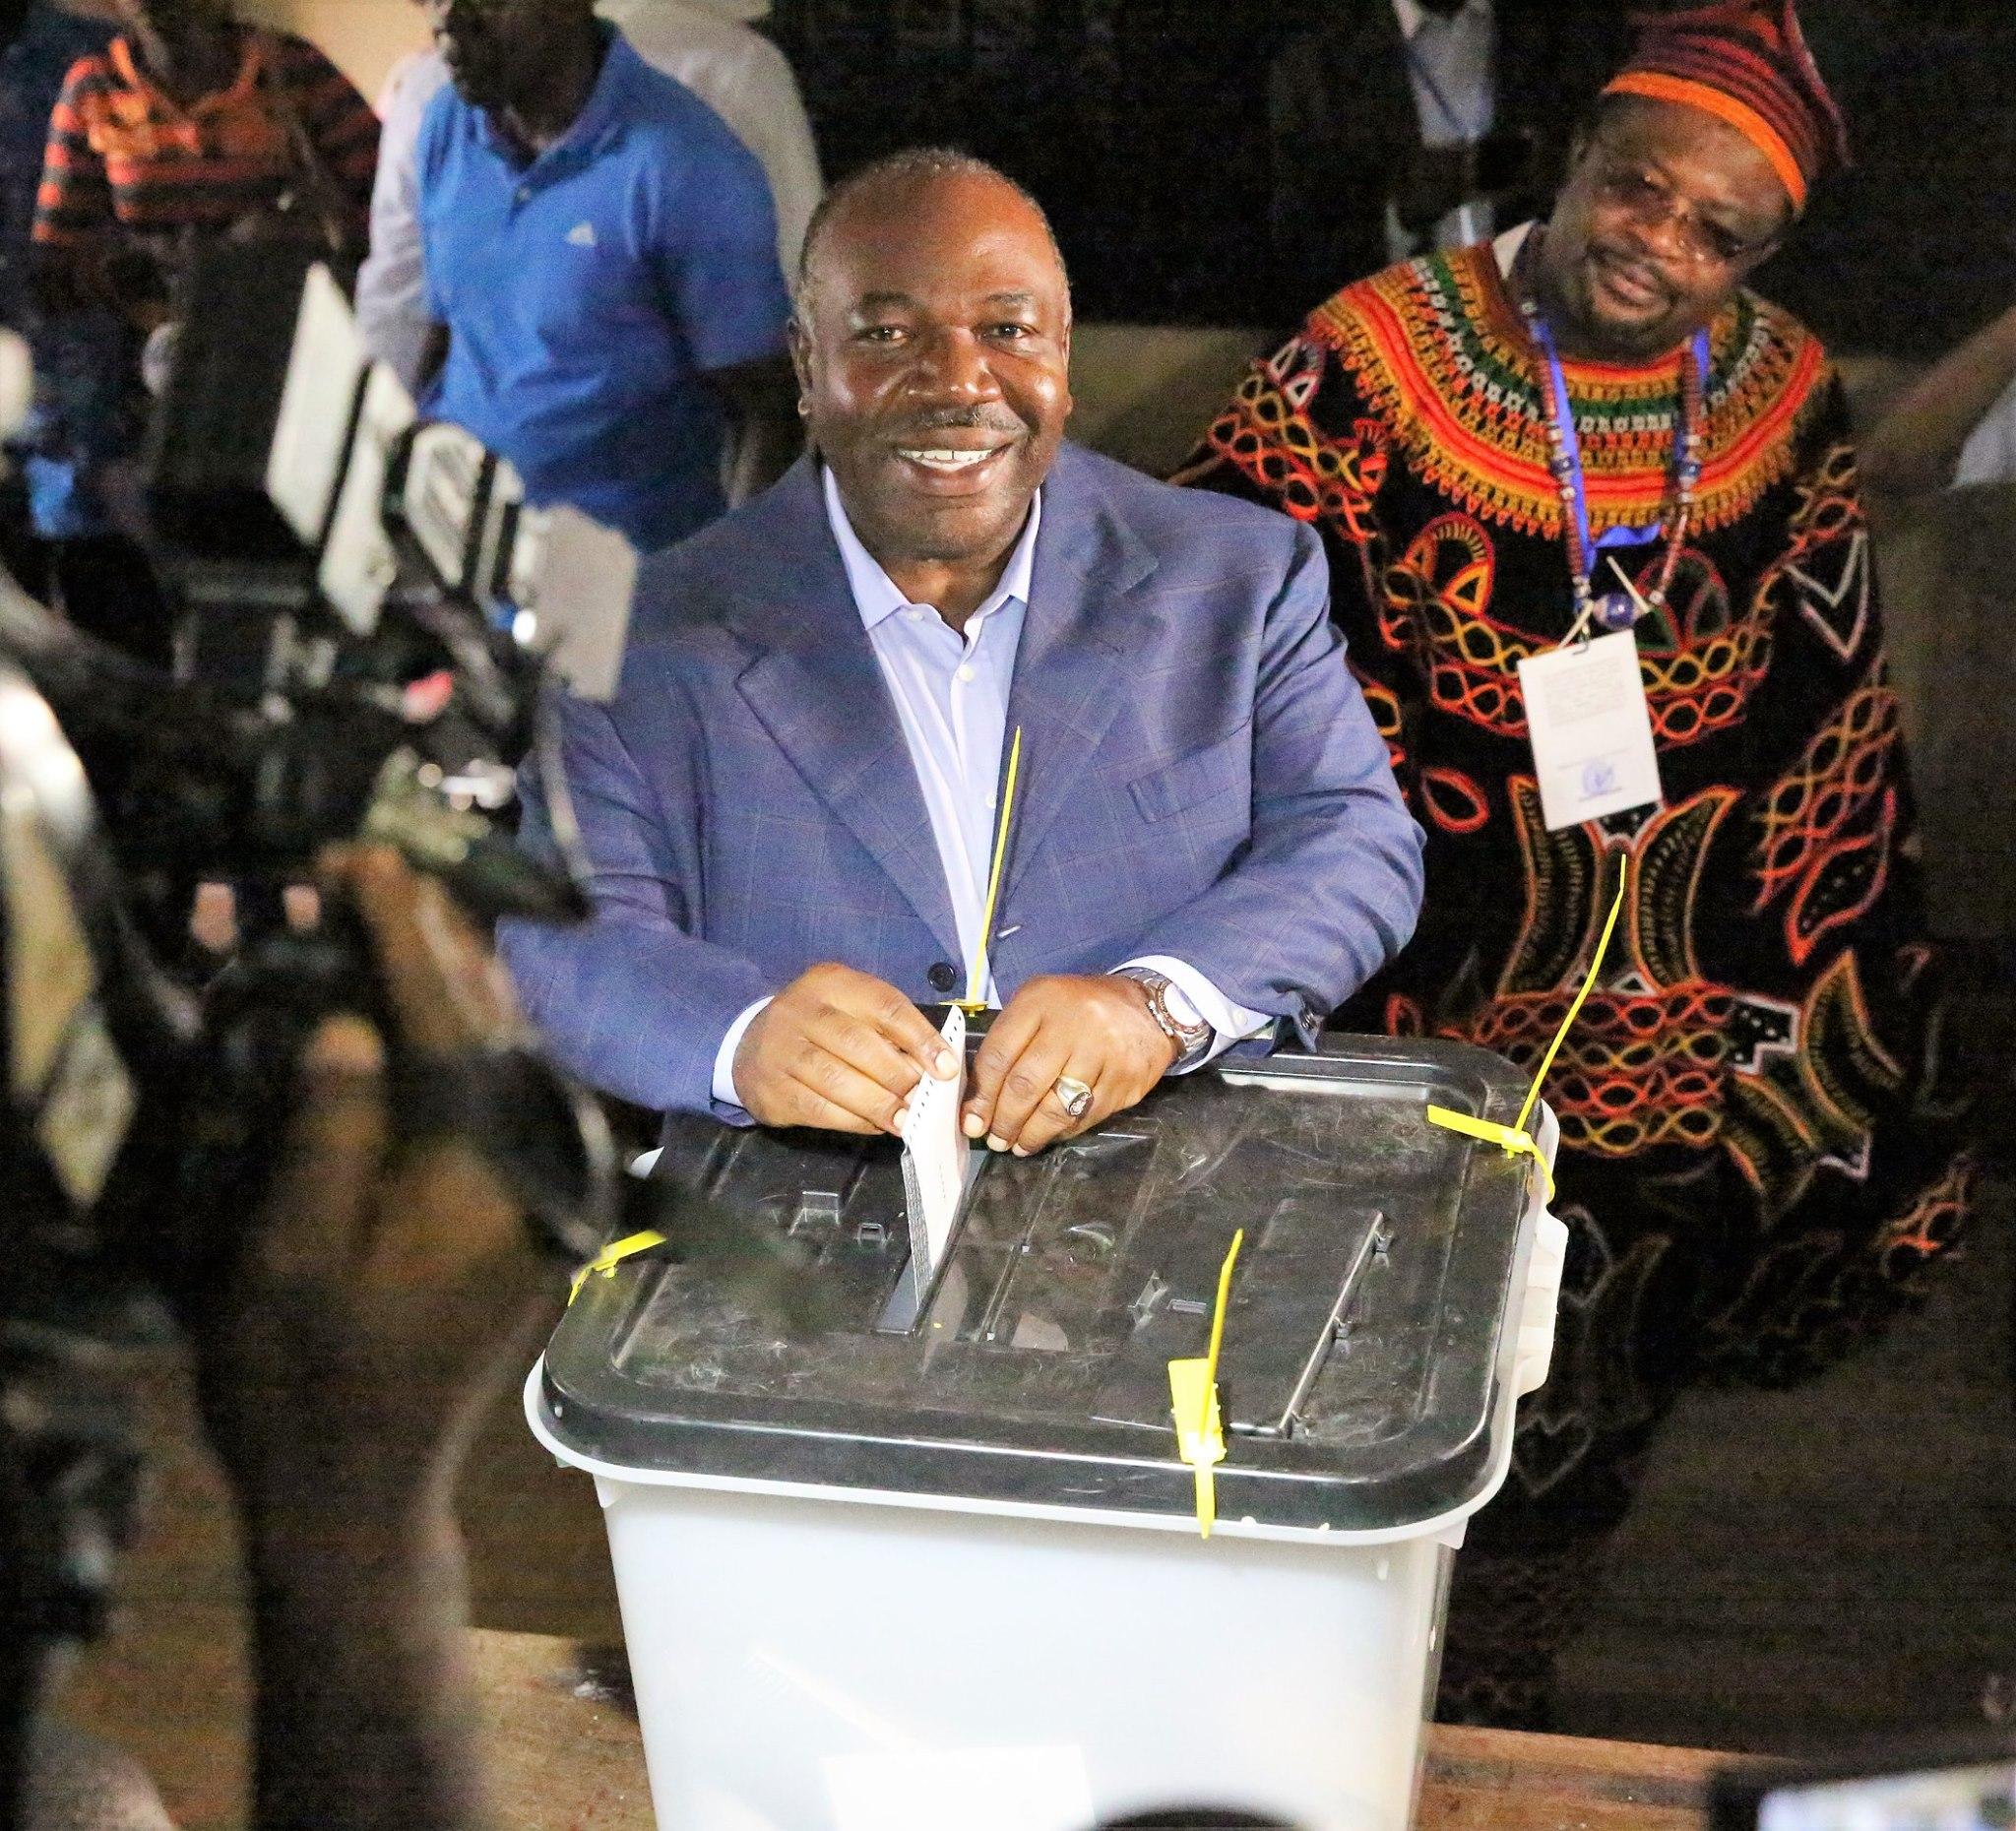 Le résultat de cette élection, quel qu'il soit, sera accepté (équipe de campagne d'Ali Bongo)